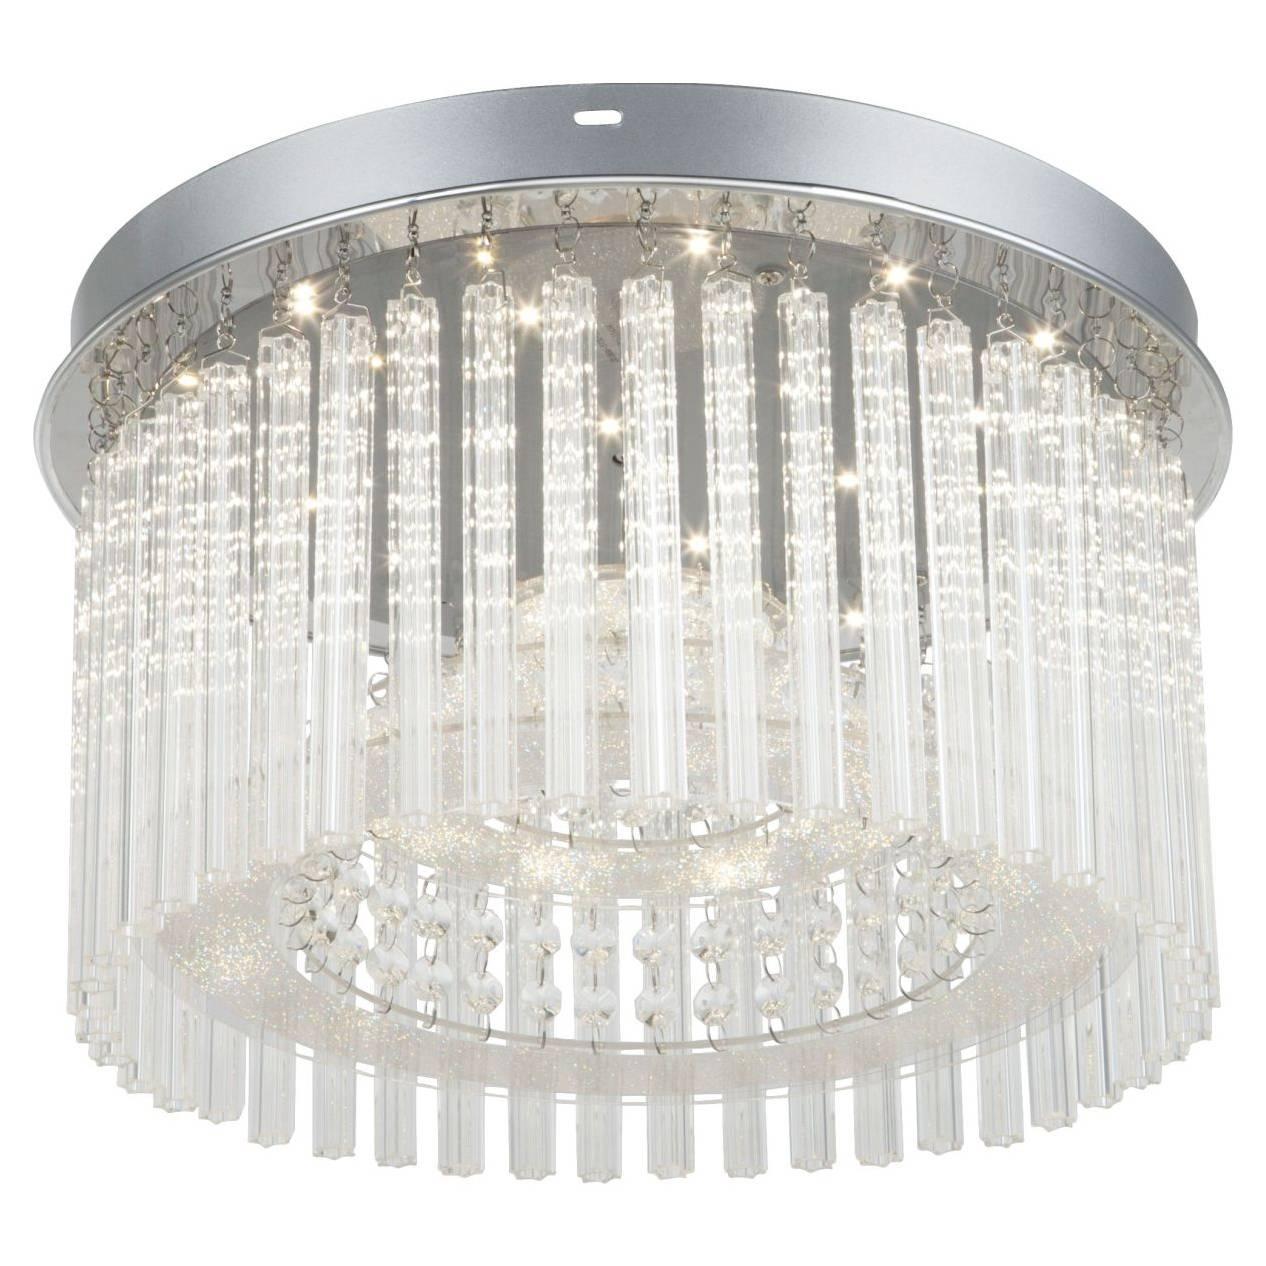 Потолочный светодиодный светильник Globo Joyce 68568-18 потолочный светодиодный светильник globo aisha 49357 17